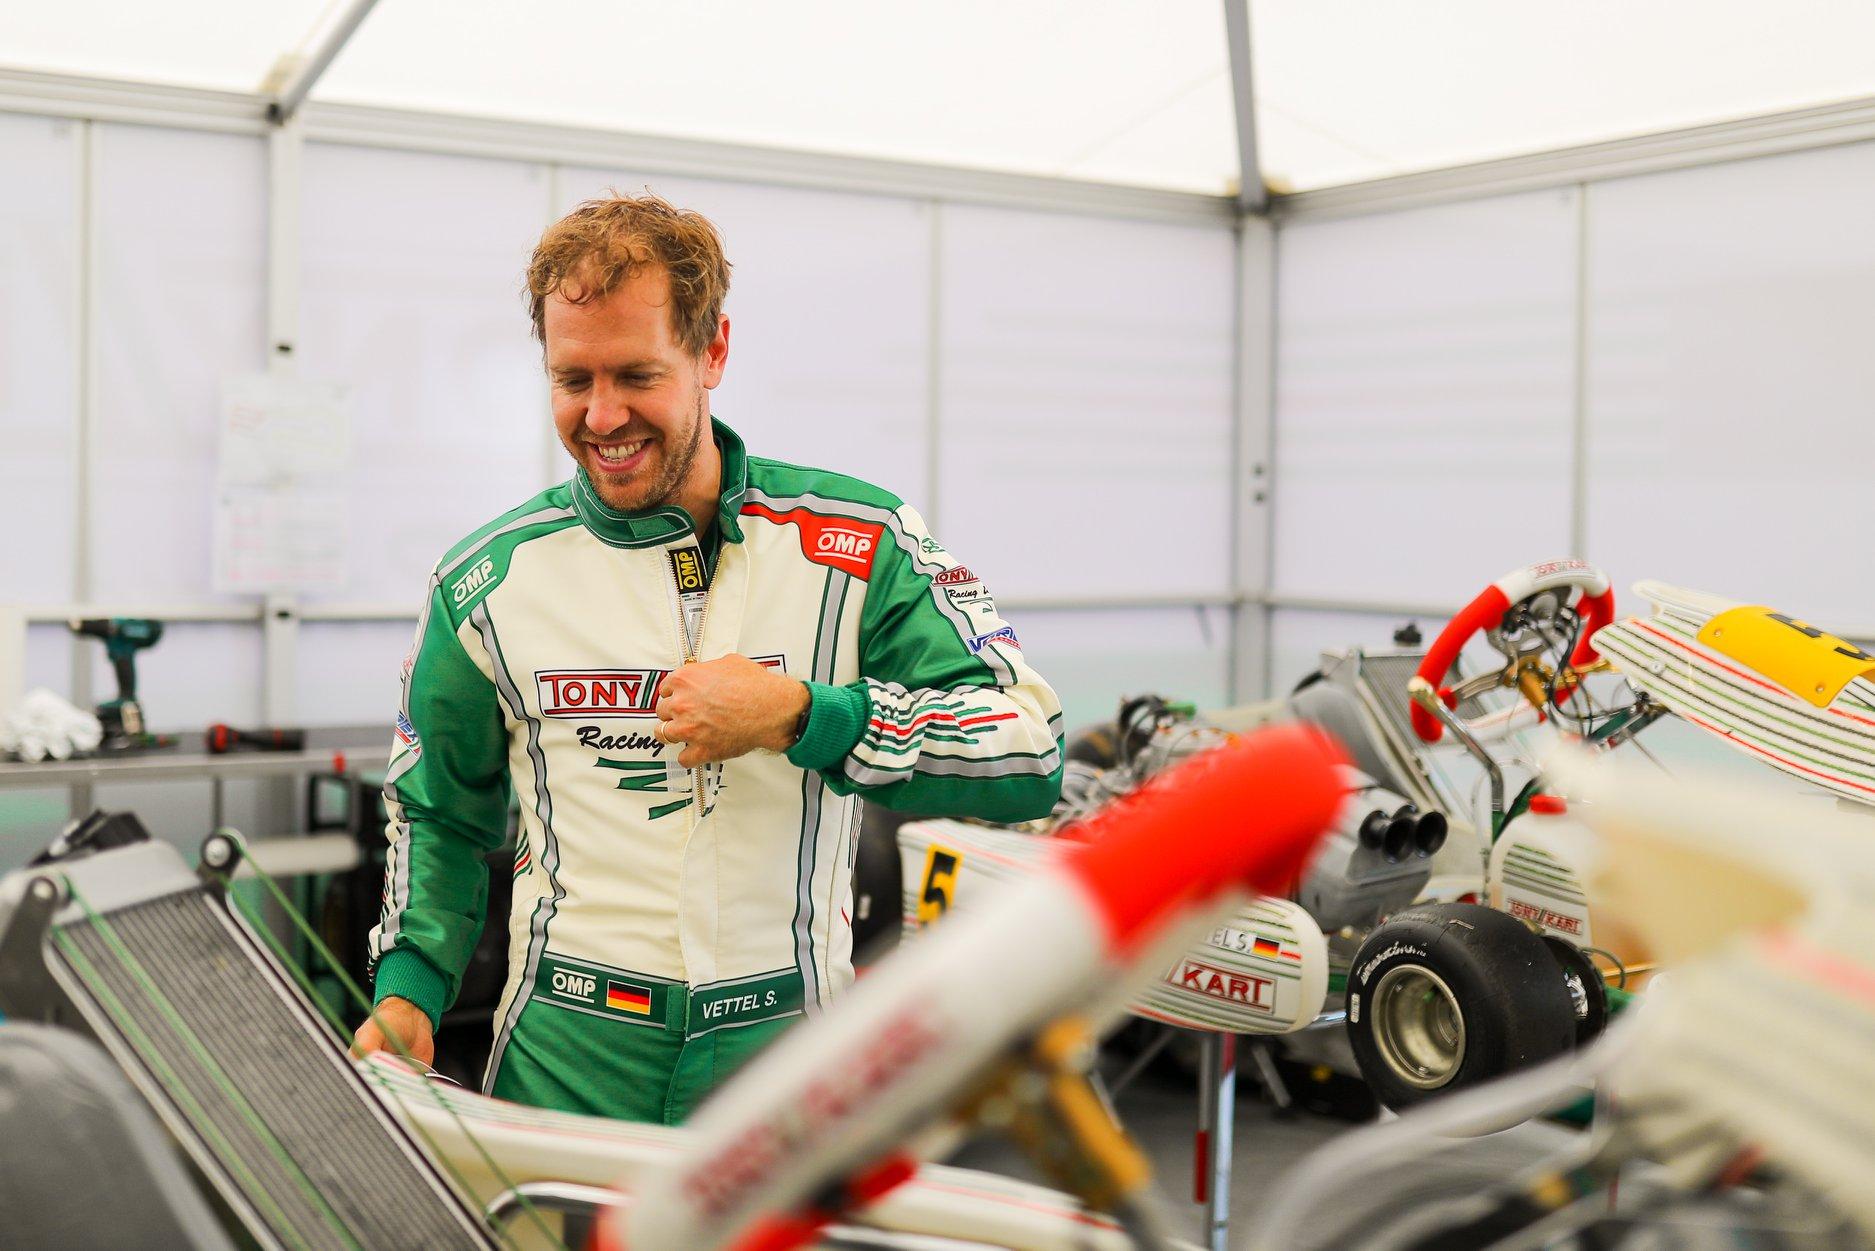 Sebastian_Vettel_testing_Tony_Kart_0004